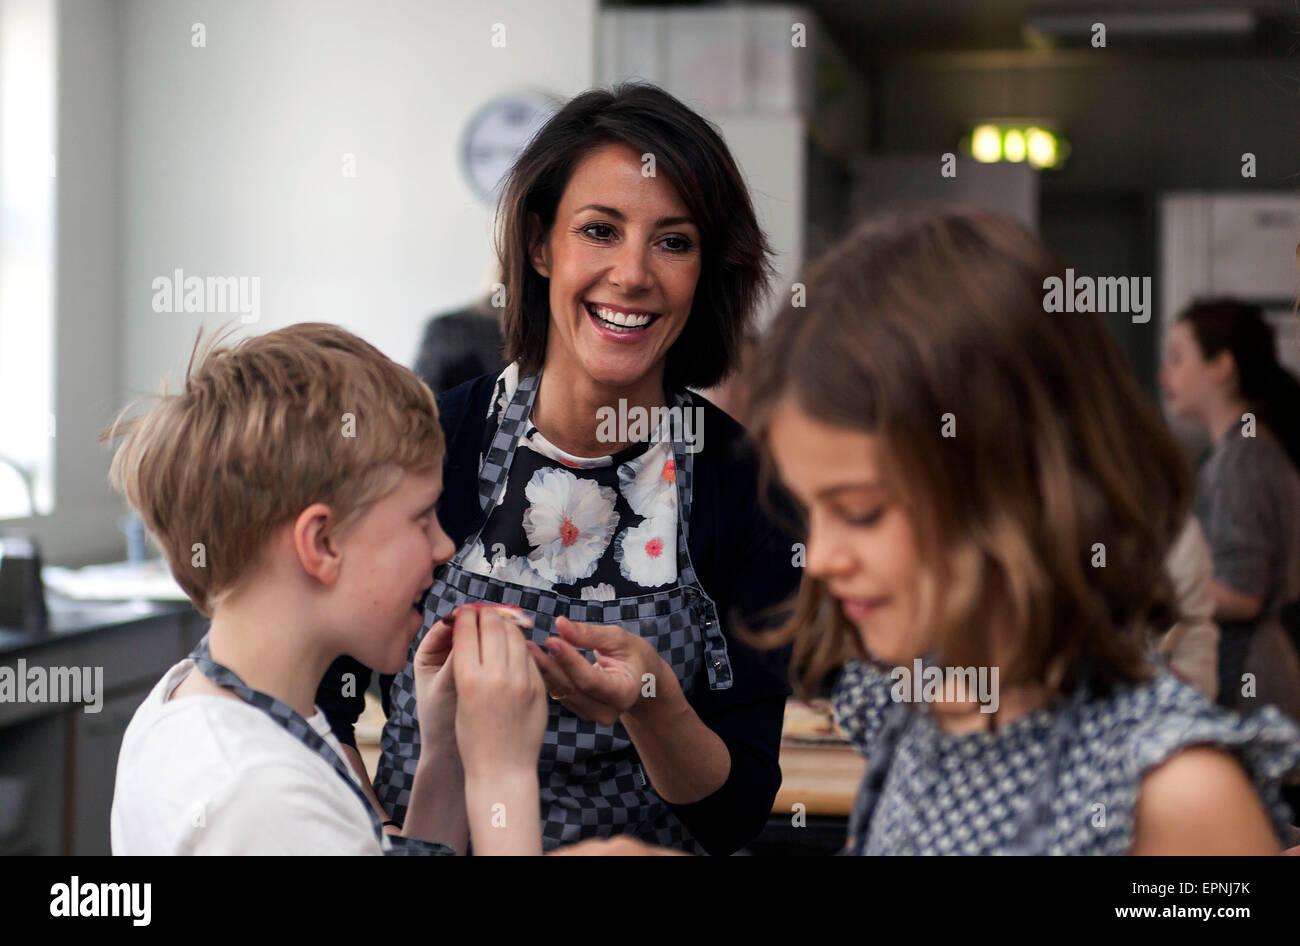 Princess Marie Stockfotos & Princess Marie Bilder - Alamy